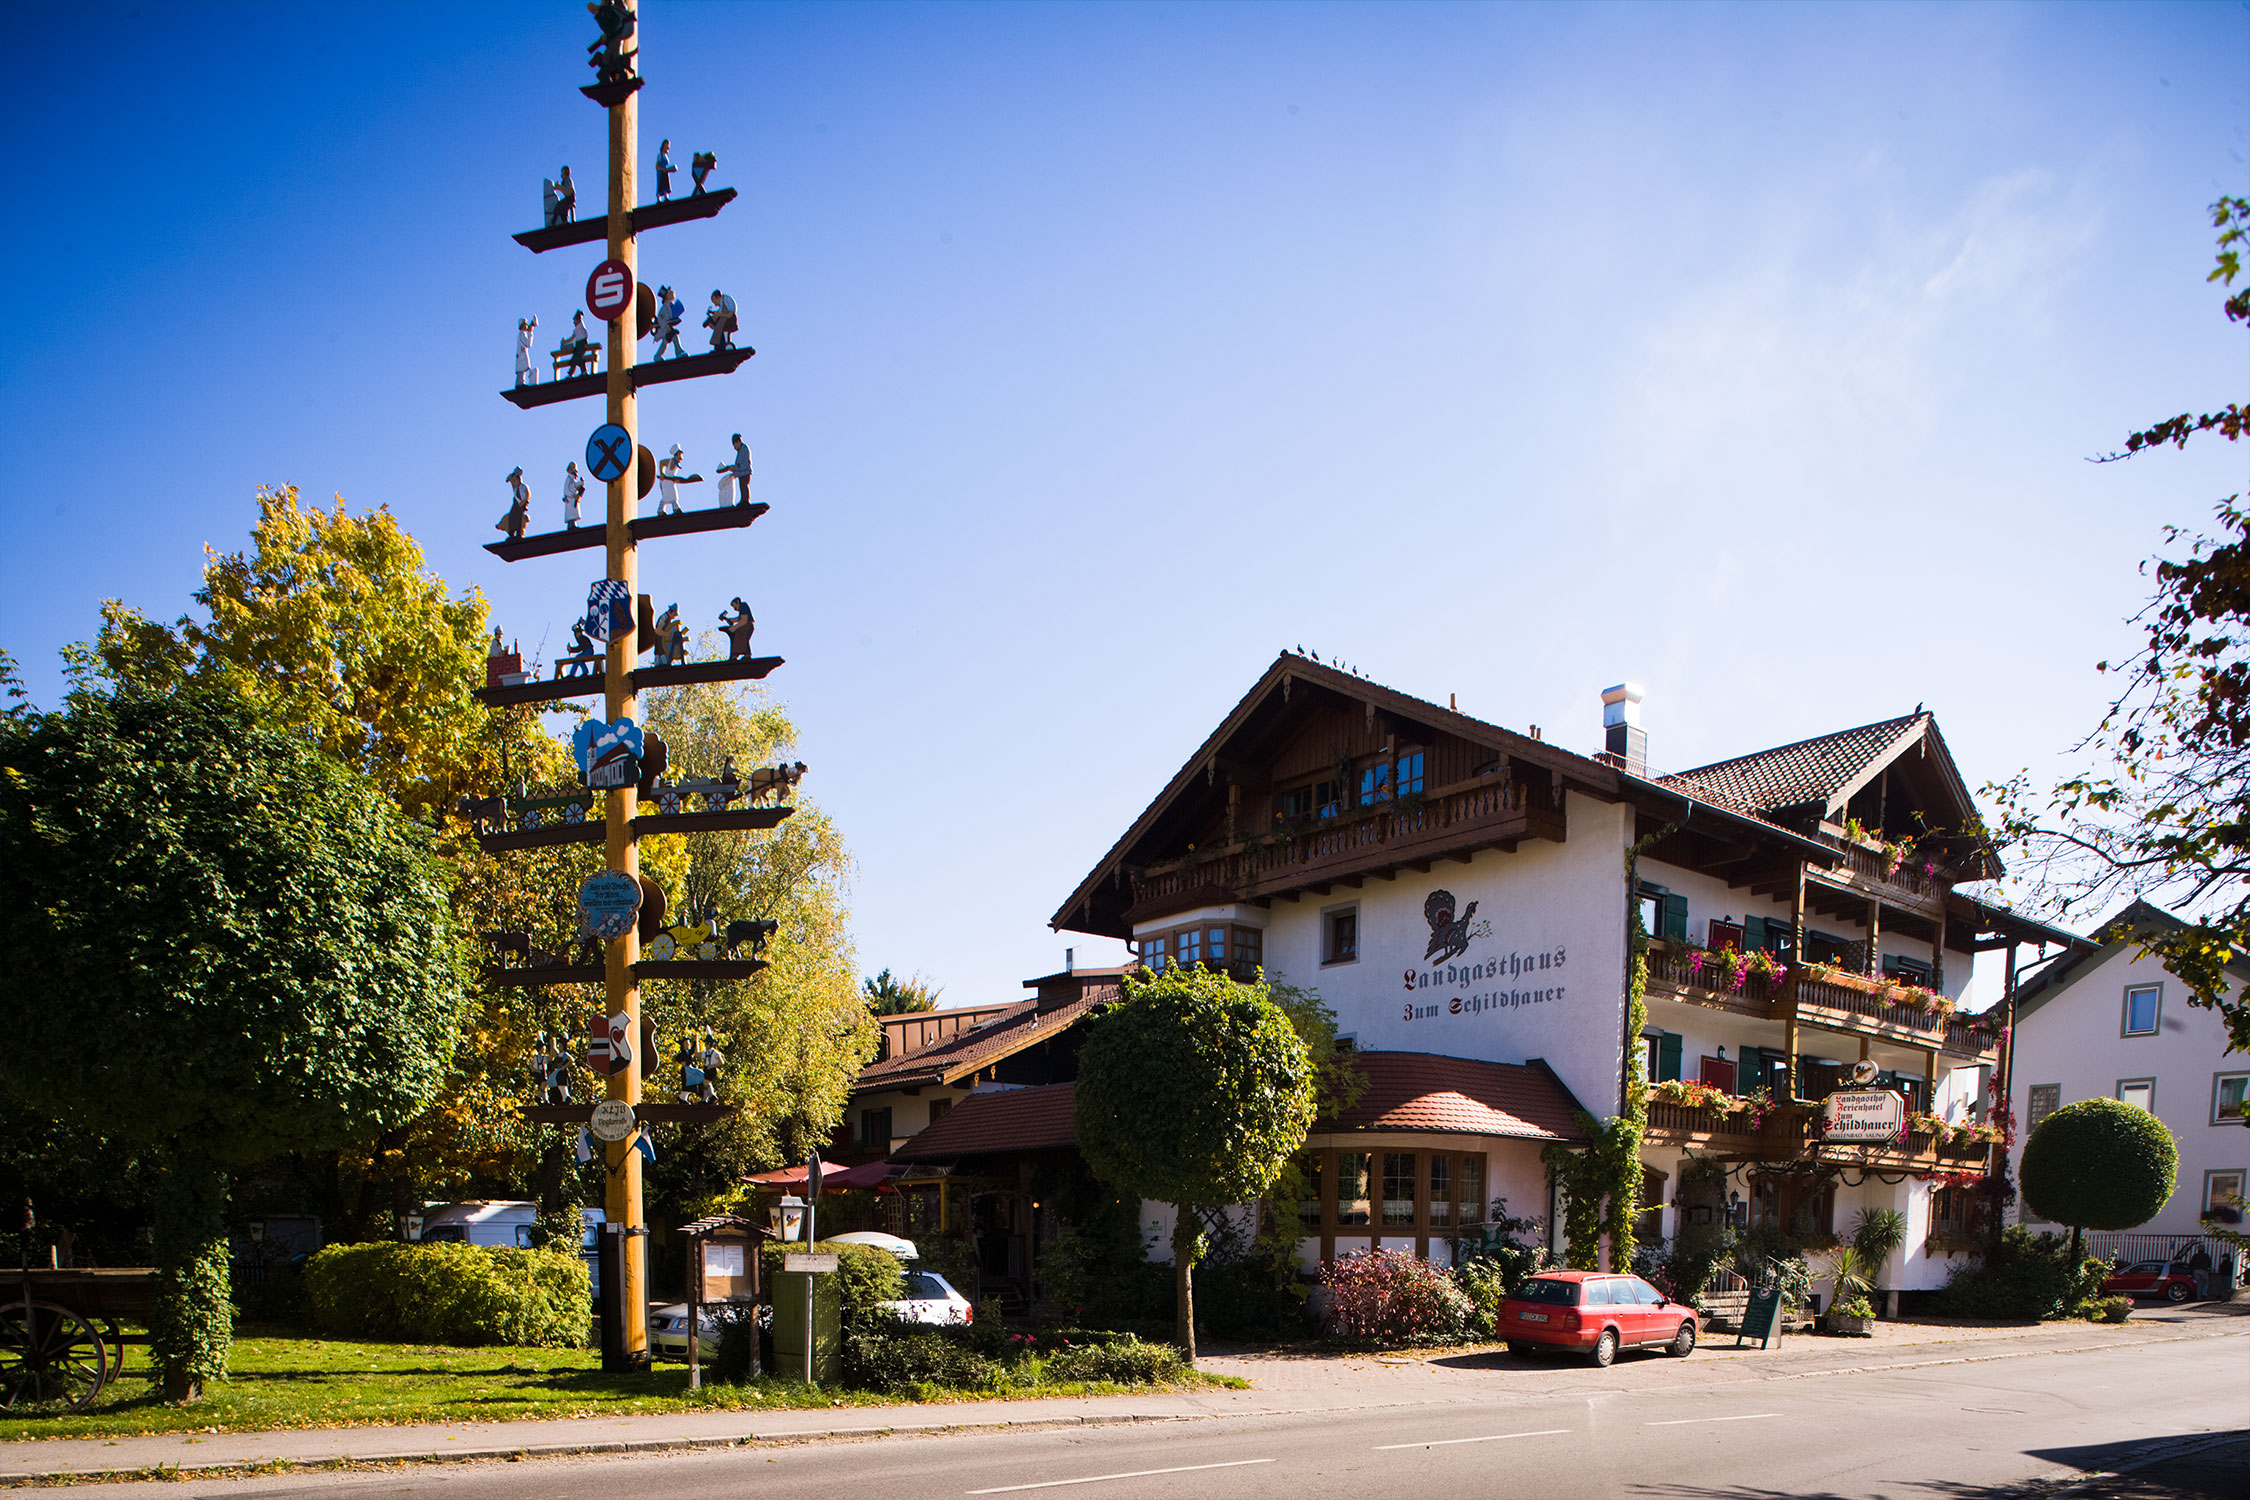 Landgasthof zum Schildhauer - Chiemsee